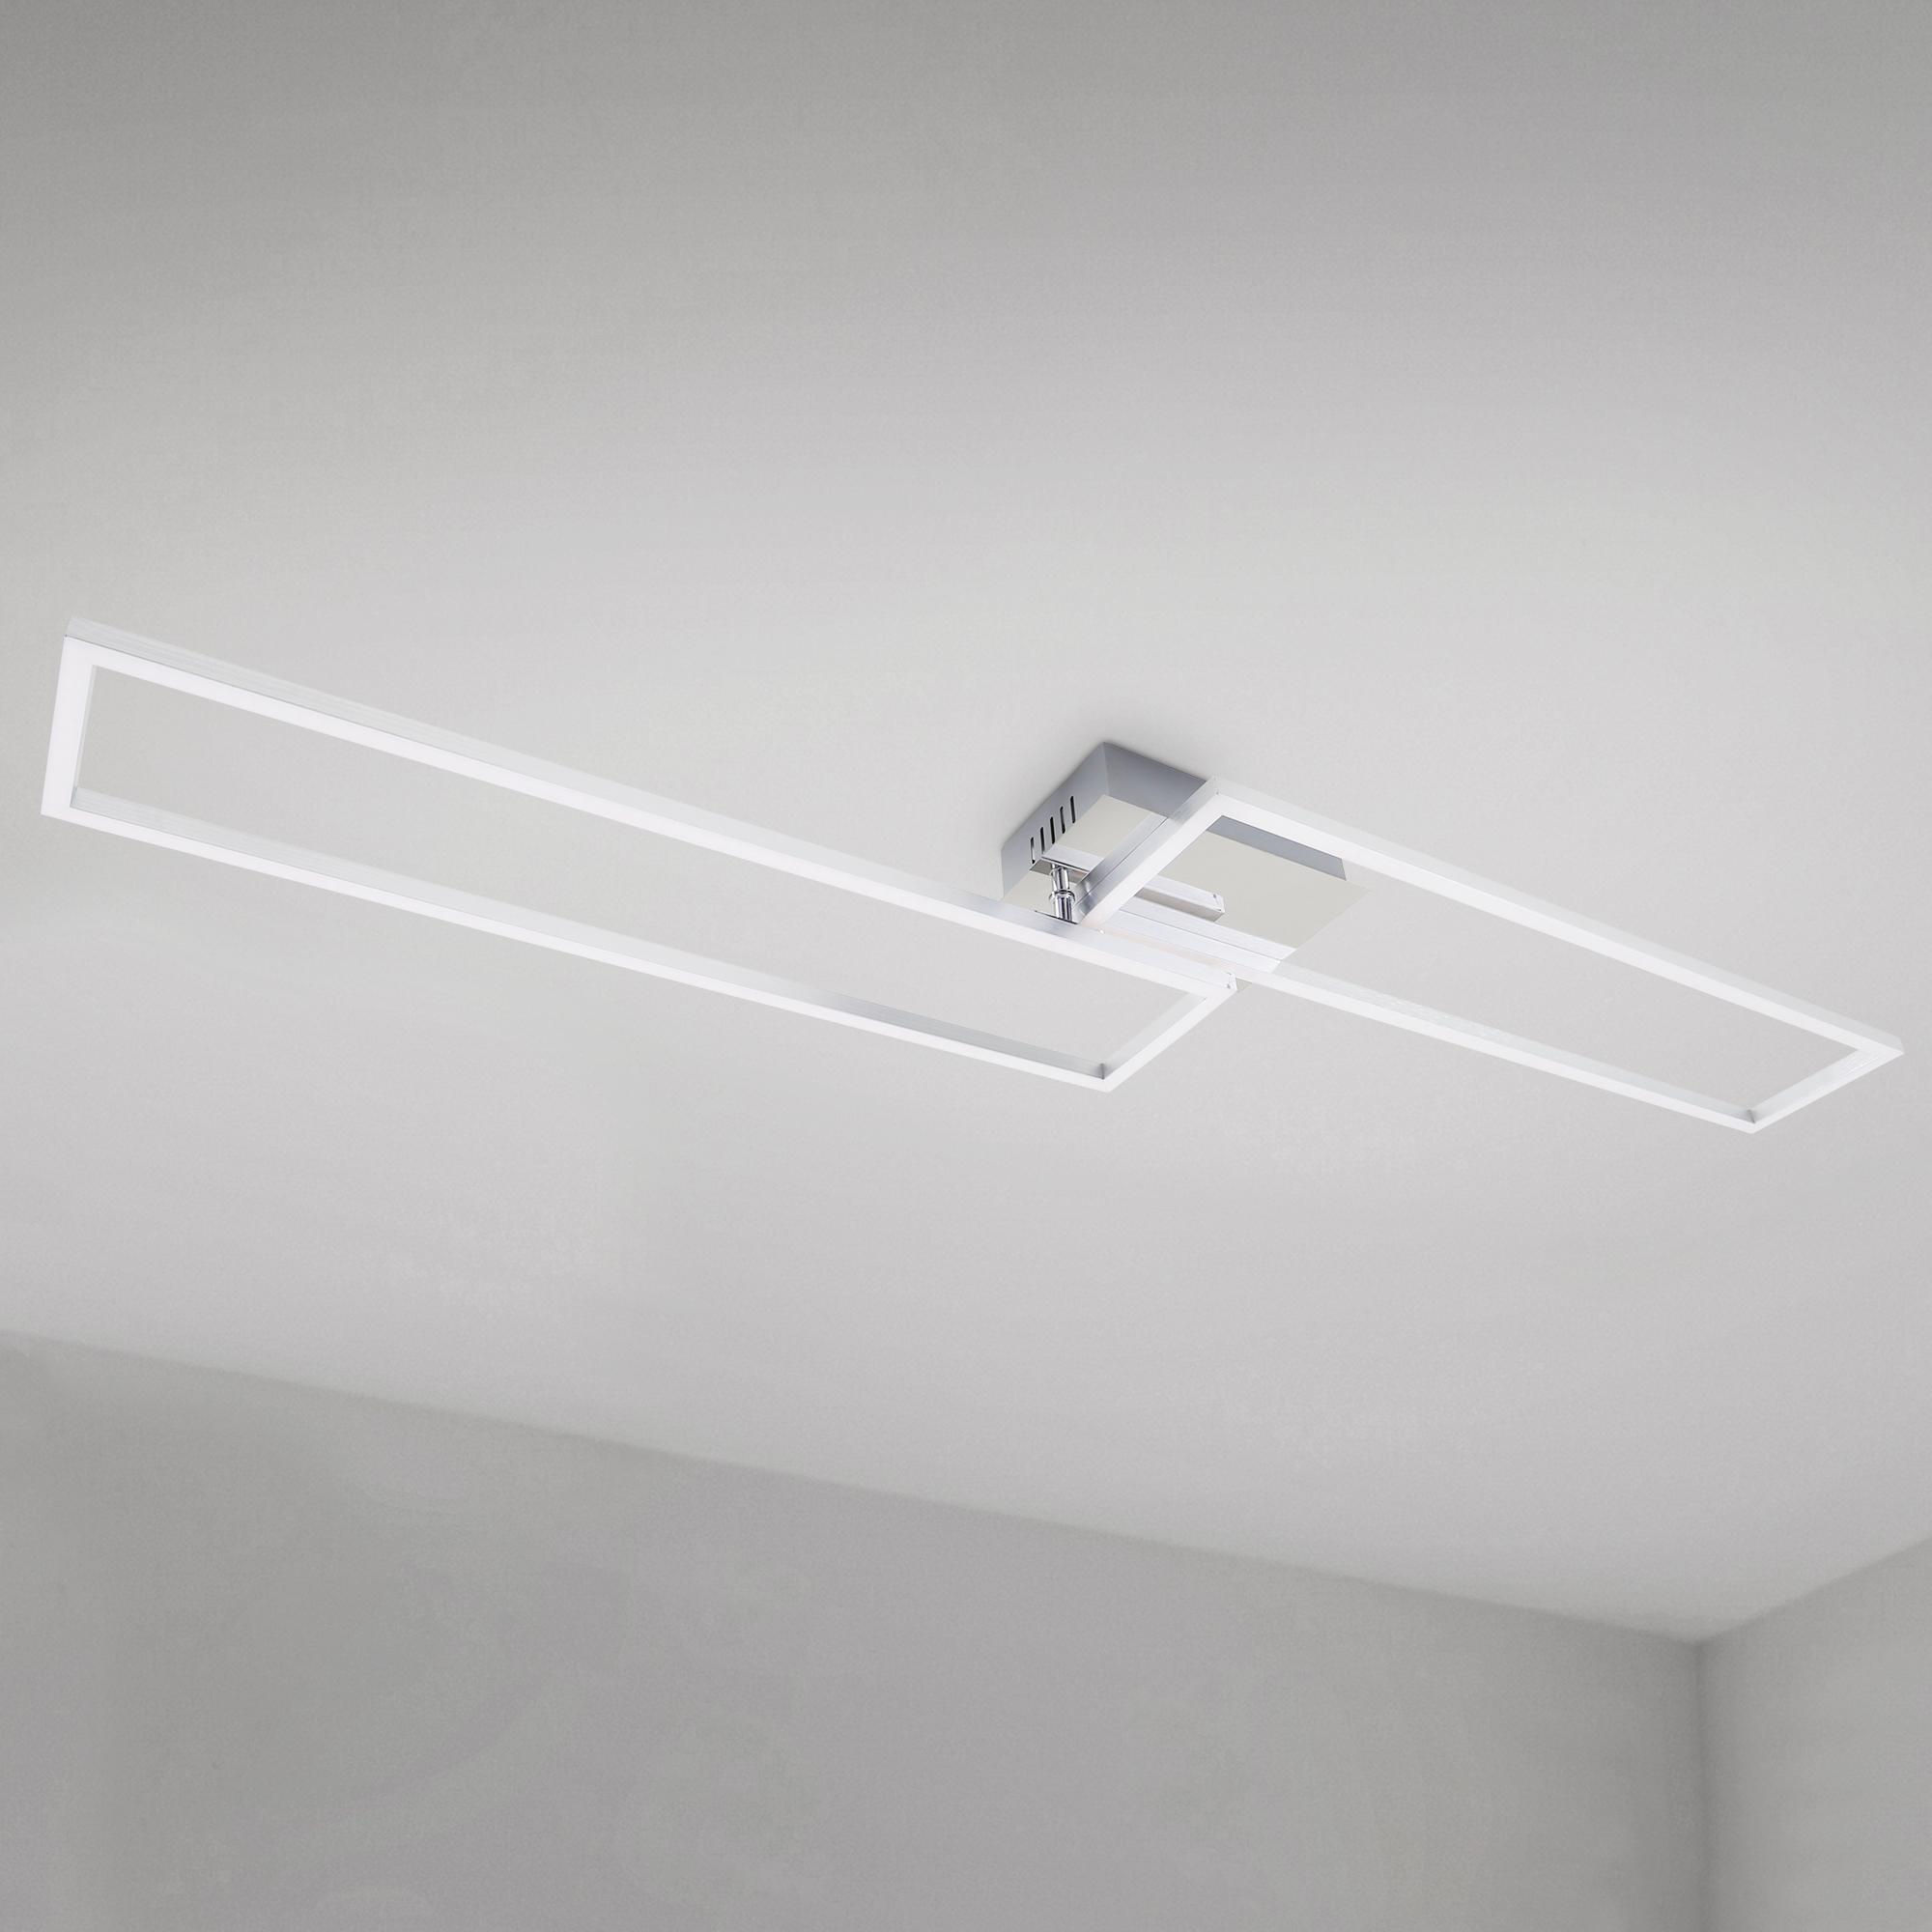 CCT LED Deckenleuchte, 110 cm, 4400 LM, 40 W, Alu-Chrom